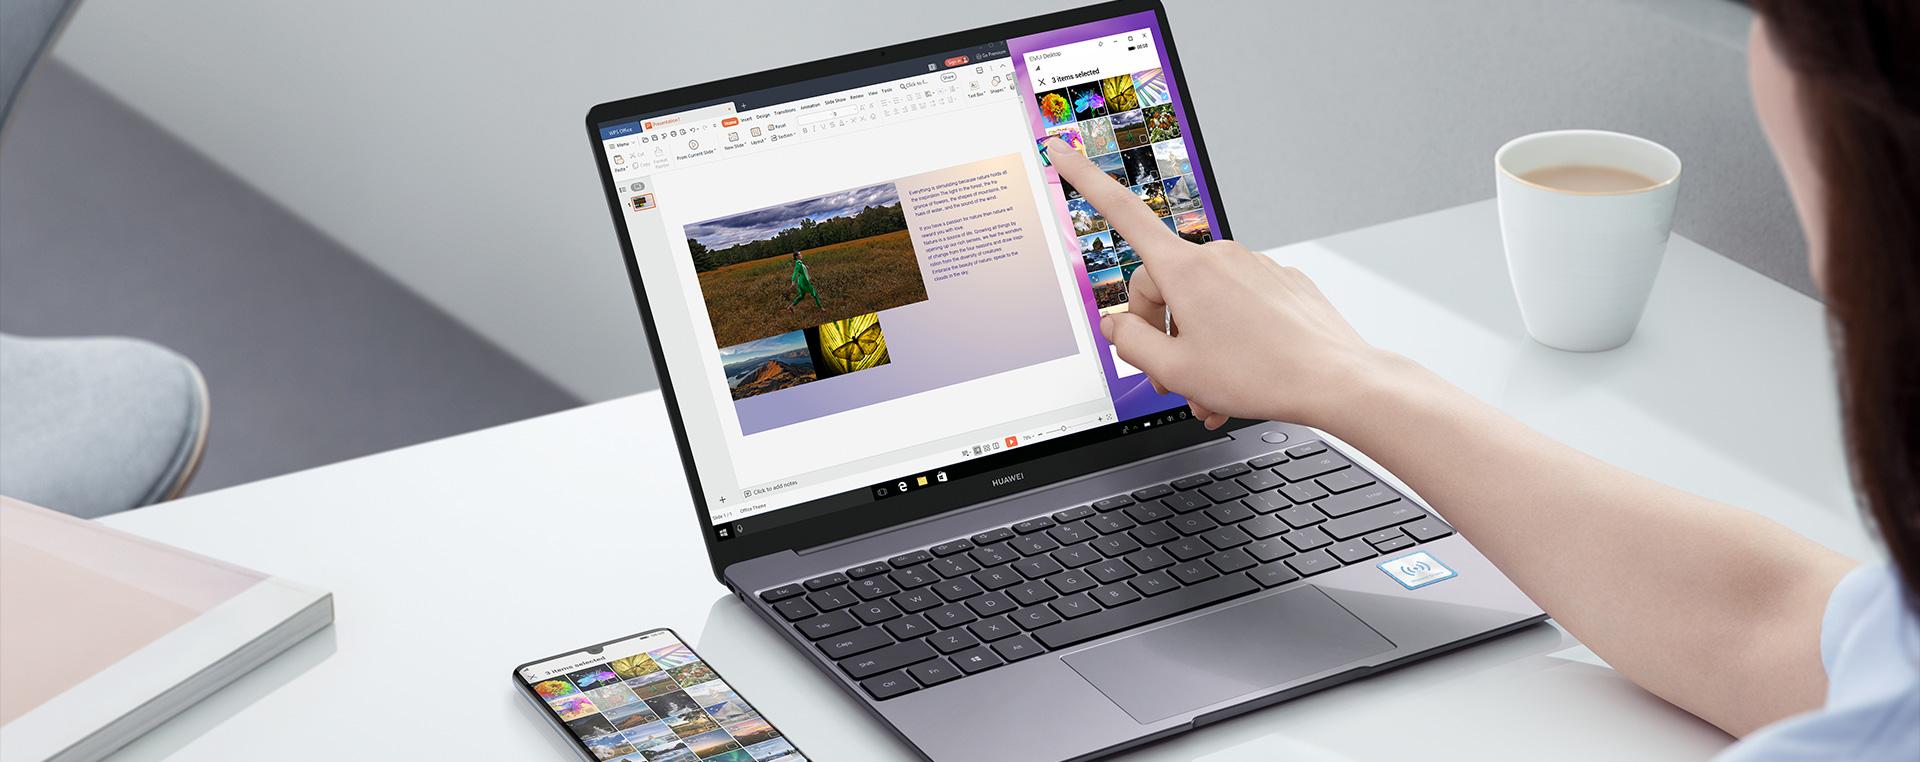 Huawei dévoile son MateBook 13 2020, un ultraportable séduisant